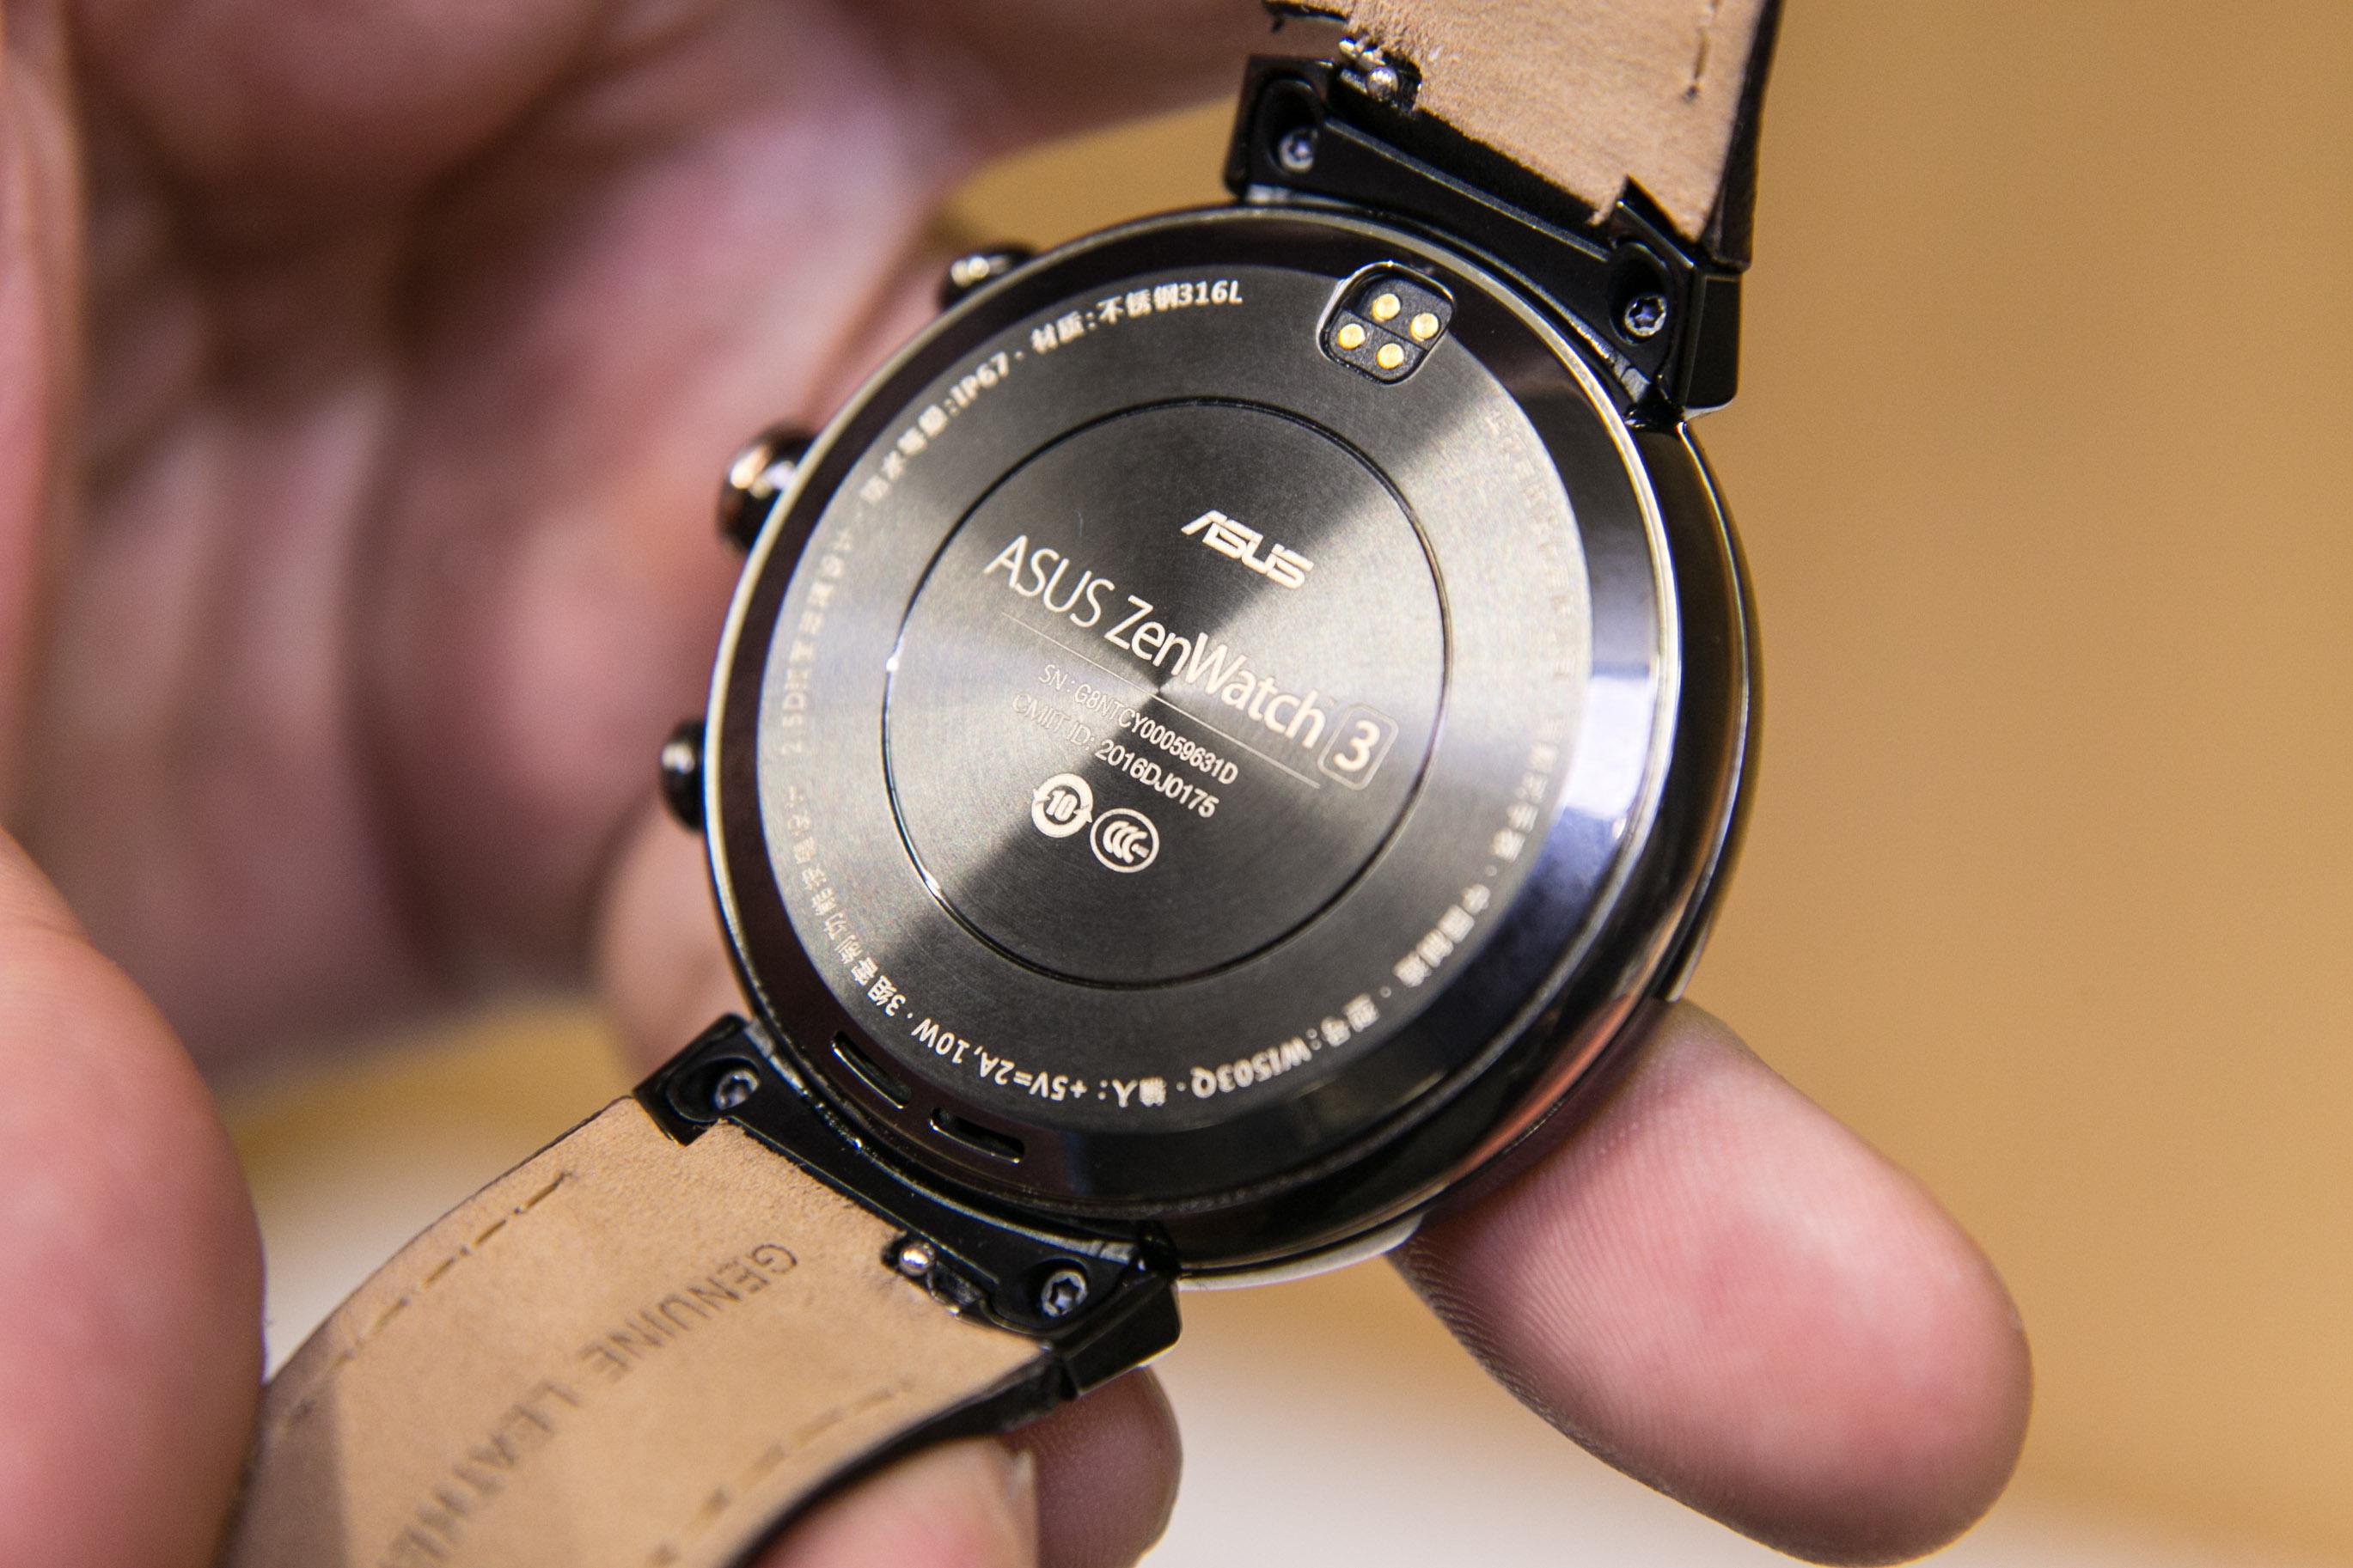 Smartwatch: Asus' dünne Zenwatch 3 erscheint noch im Oktober - Einen Pulsfrequenzmesser hat die Zenwatch 3 nicht. (Bild: Martin Wolf/Golem.de)